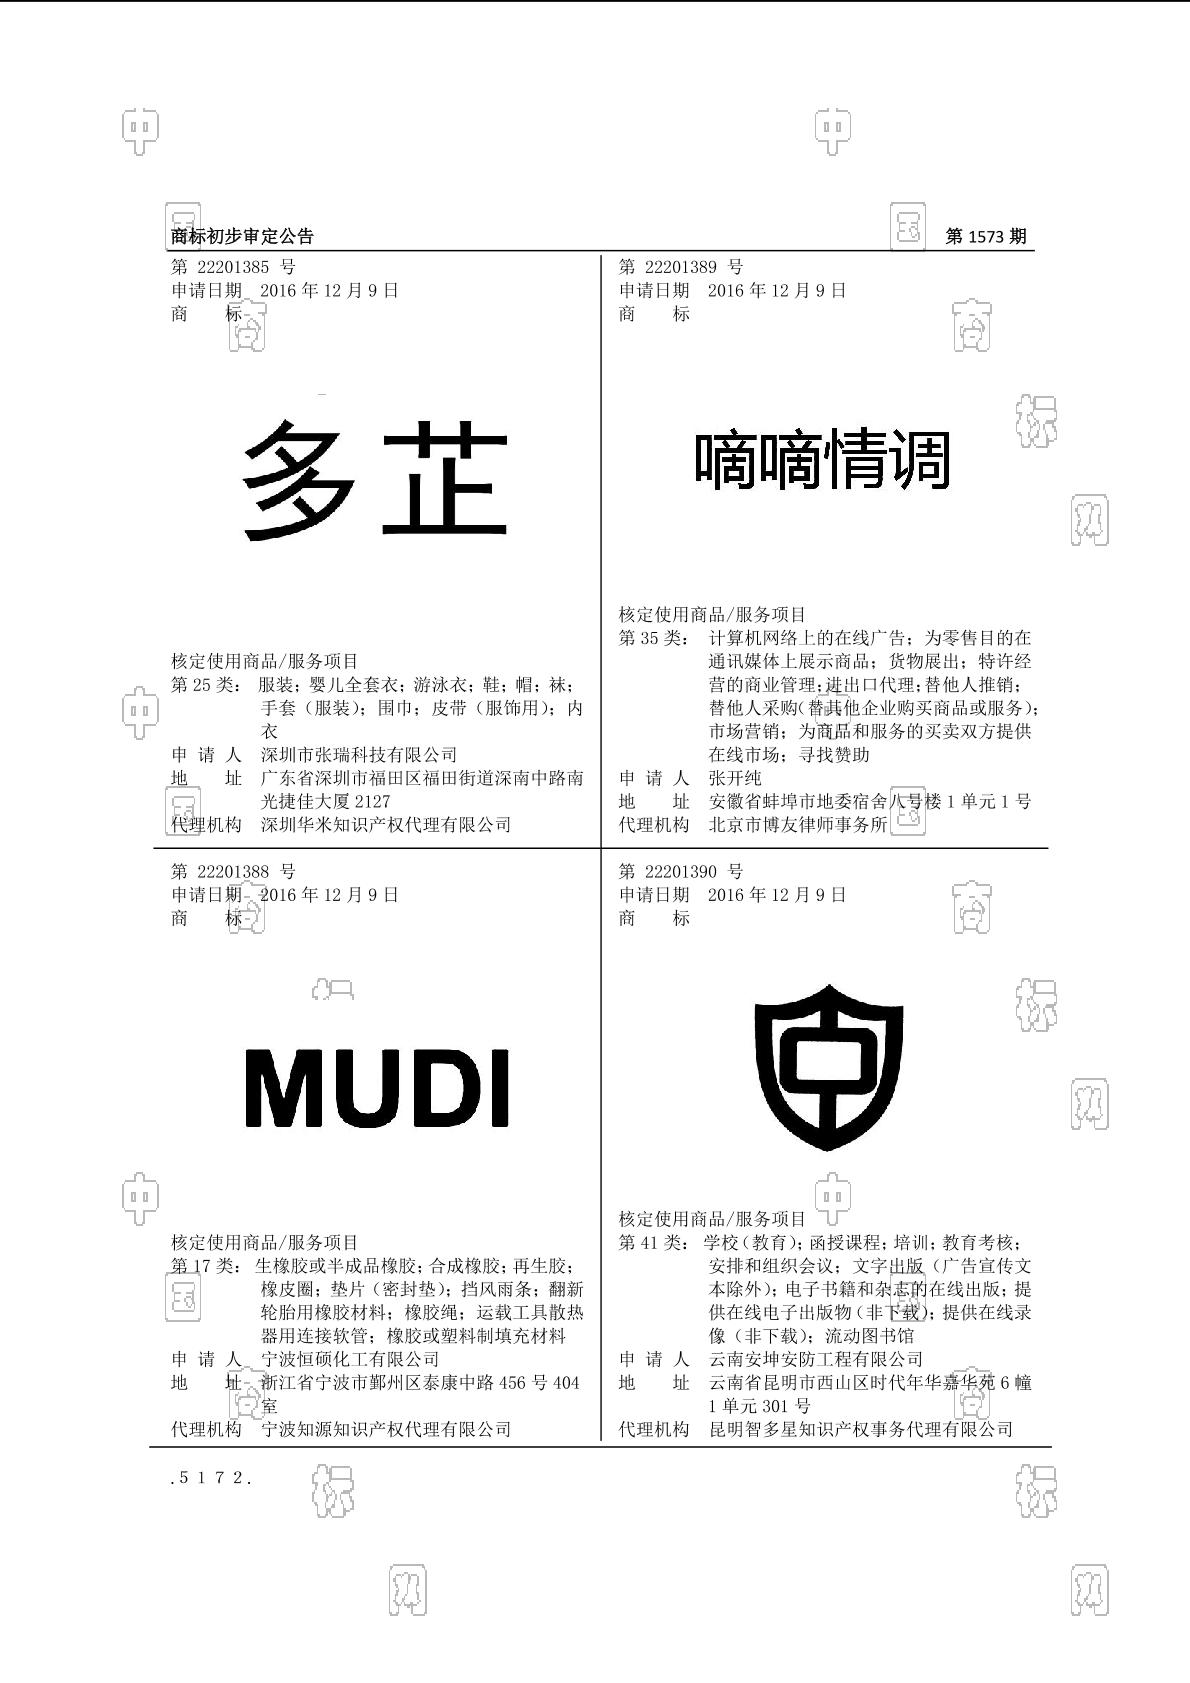 【社标网】MUDI商标状态注册号信息 宁波恒硕化工有限公司商标信息-商标查询